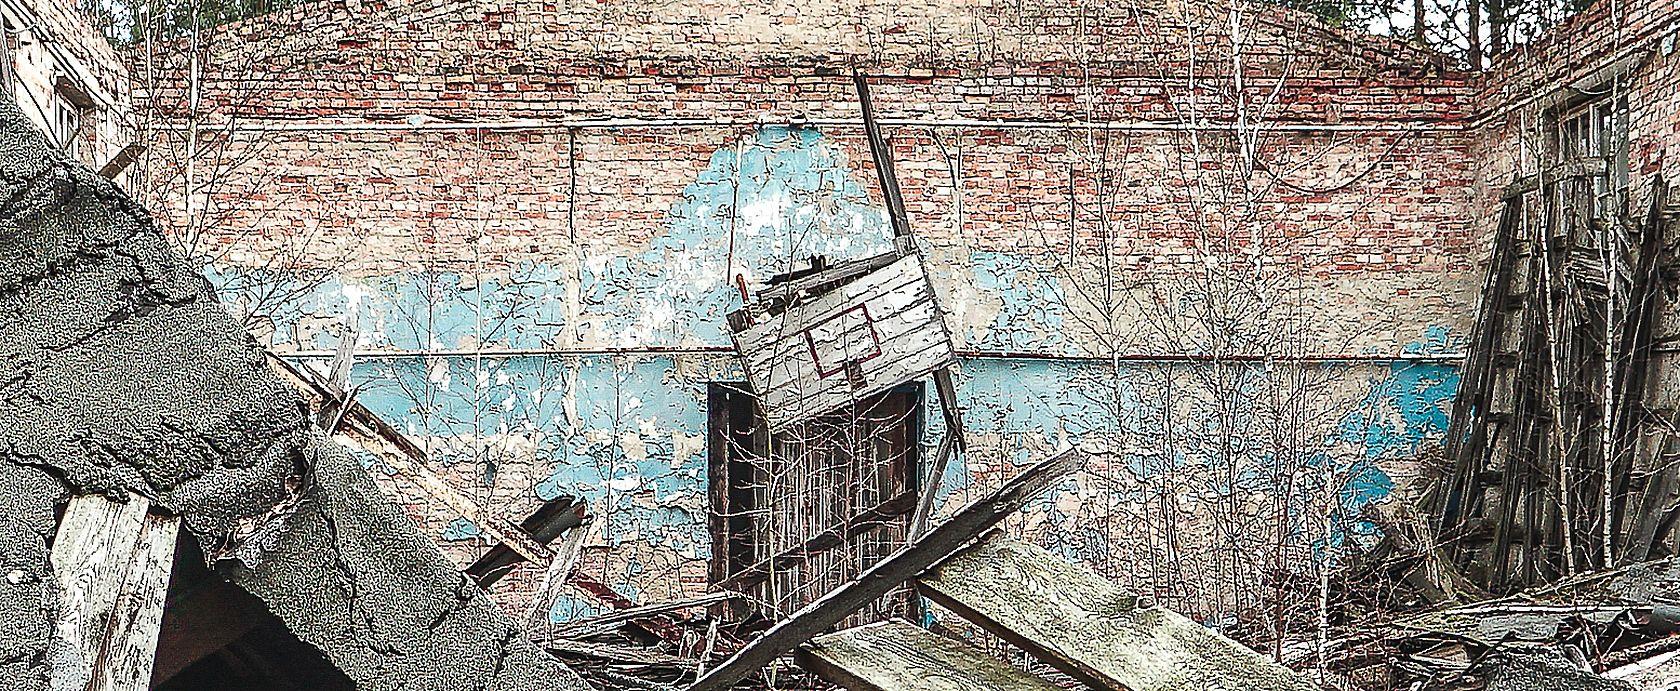 Die eingestürzte Turnhalle der sowjetischen Soldaten